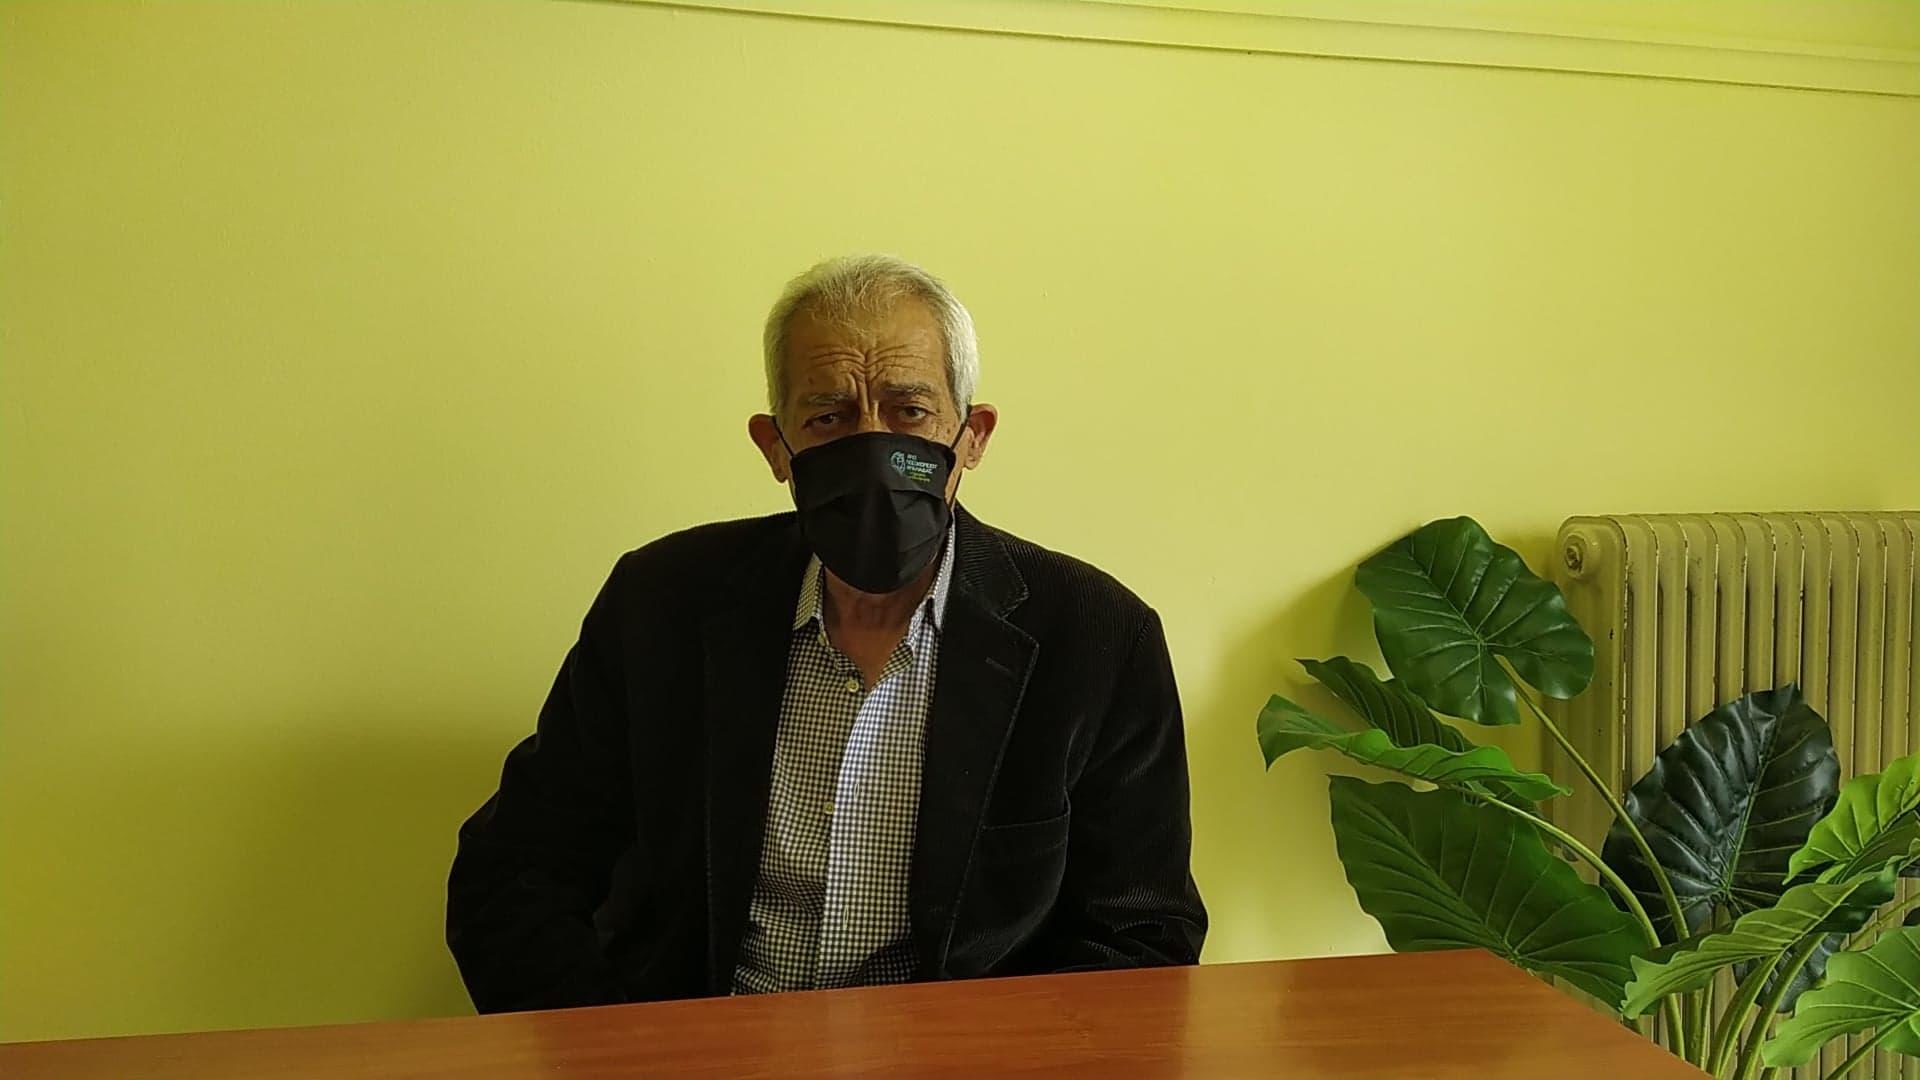 Αμαλιάδα: Εμβολιάστηκε για τον covid-19 ο Δήμαρχος Ήλιδας Γ. Λυμπέρης: «Προτείνω και λέω στους συμπολίτες μας, να μην υπάρχει ενδοιασμός»